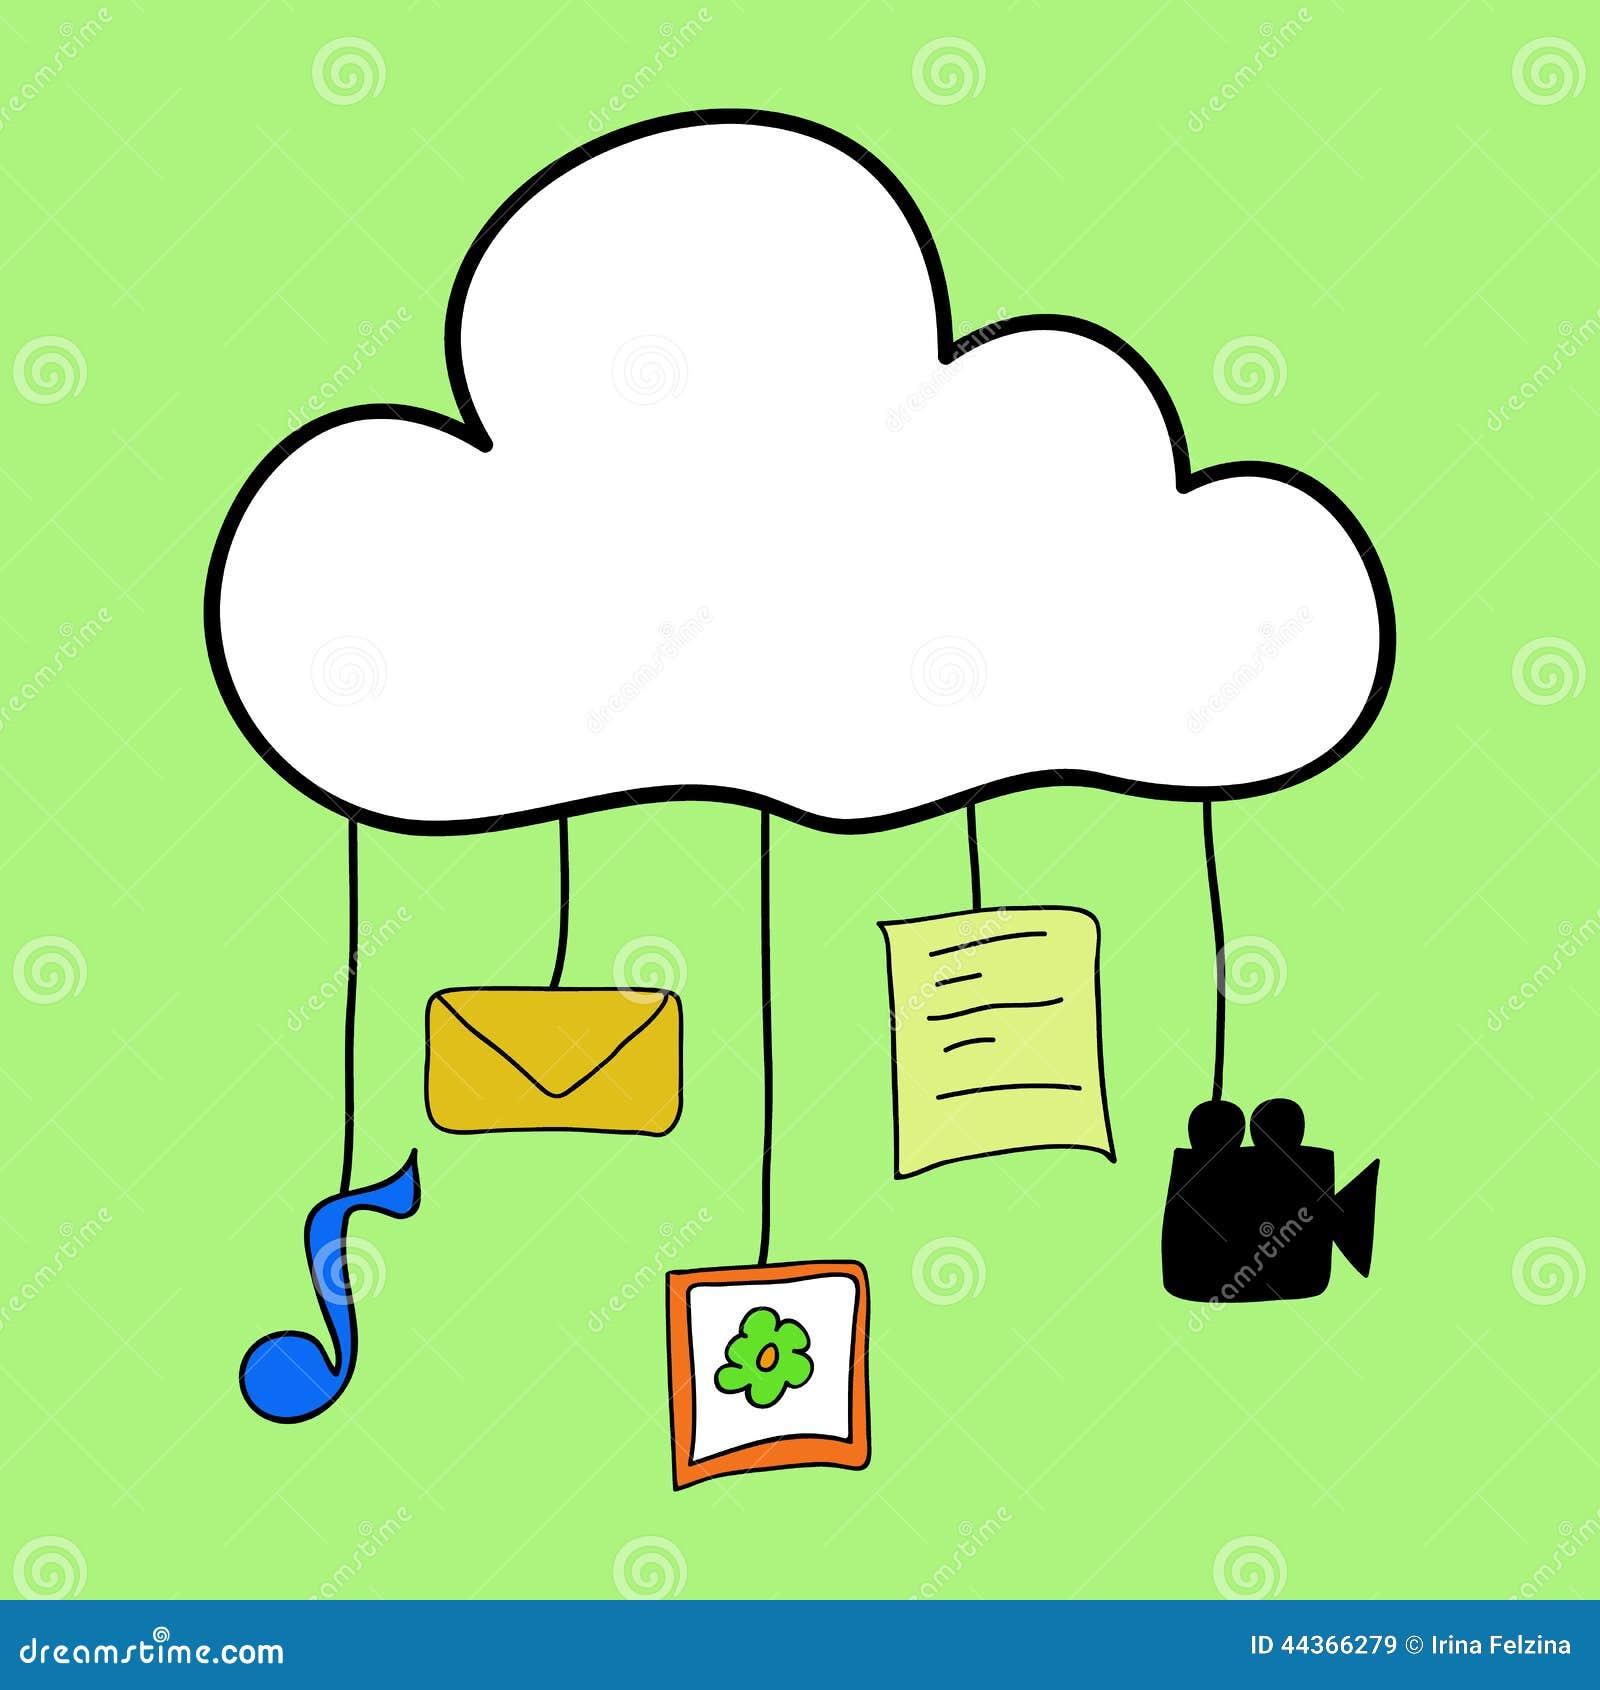 Nuvola che computa nello stile di scarabocchio